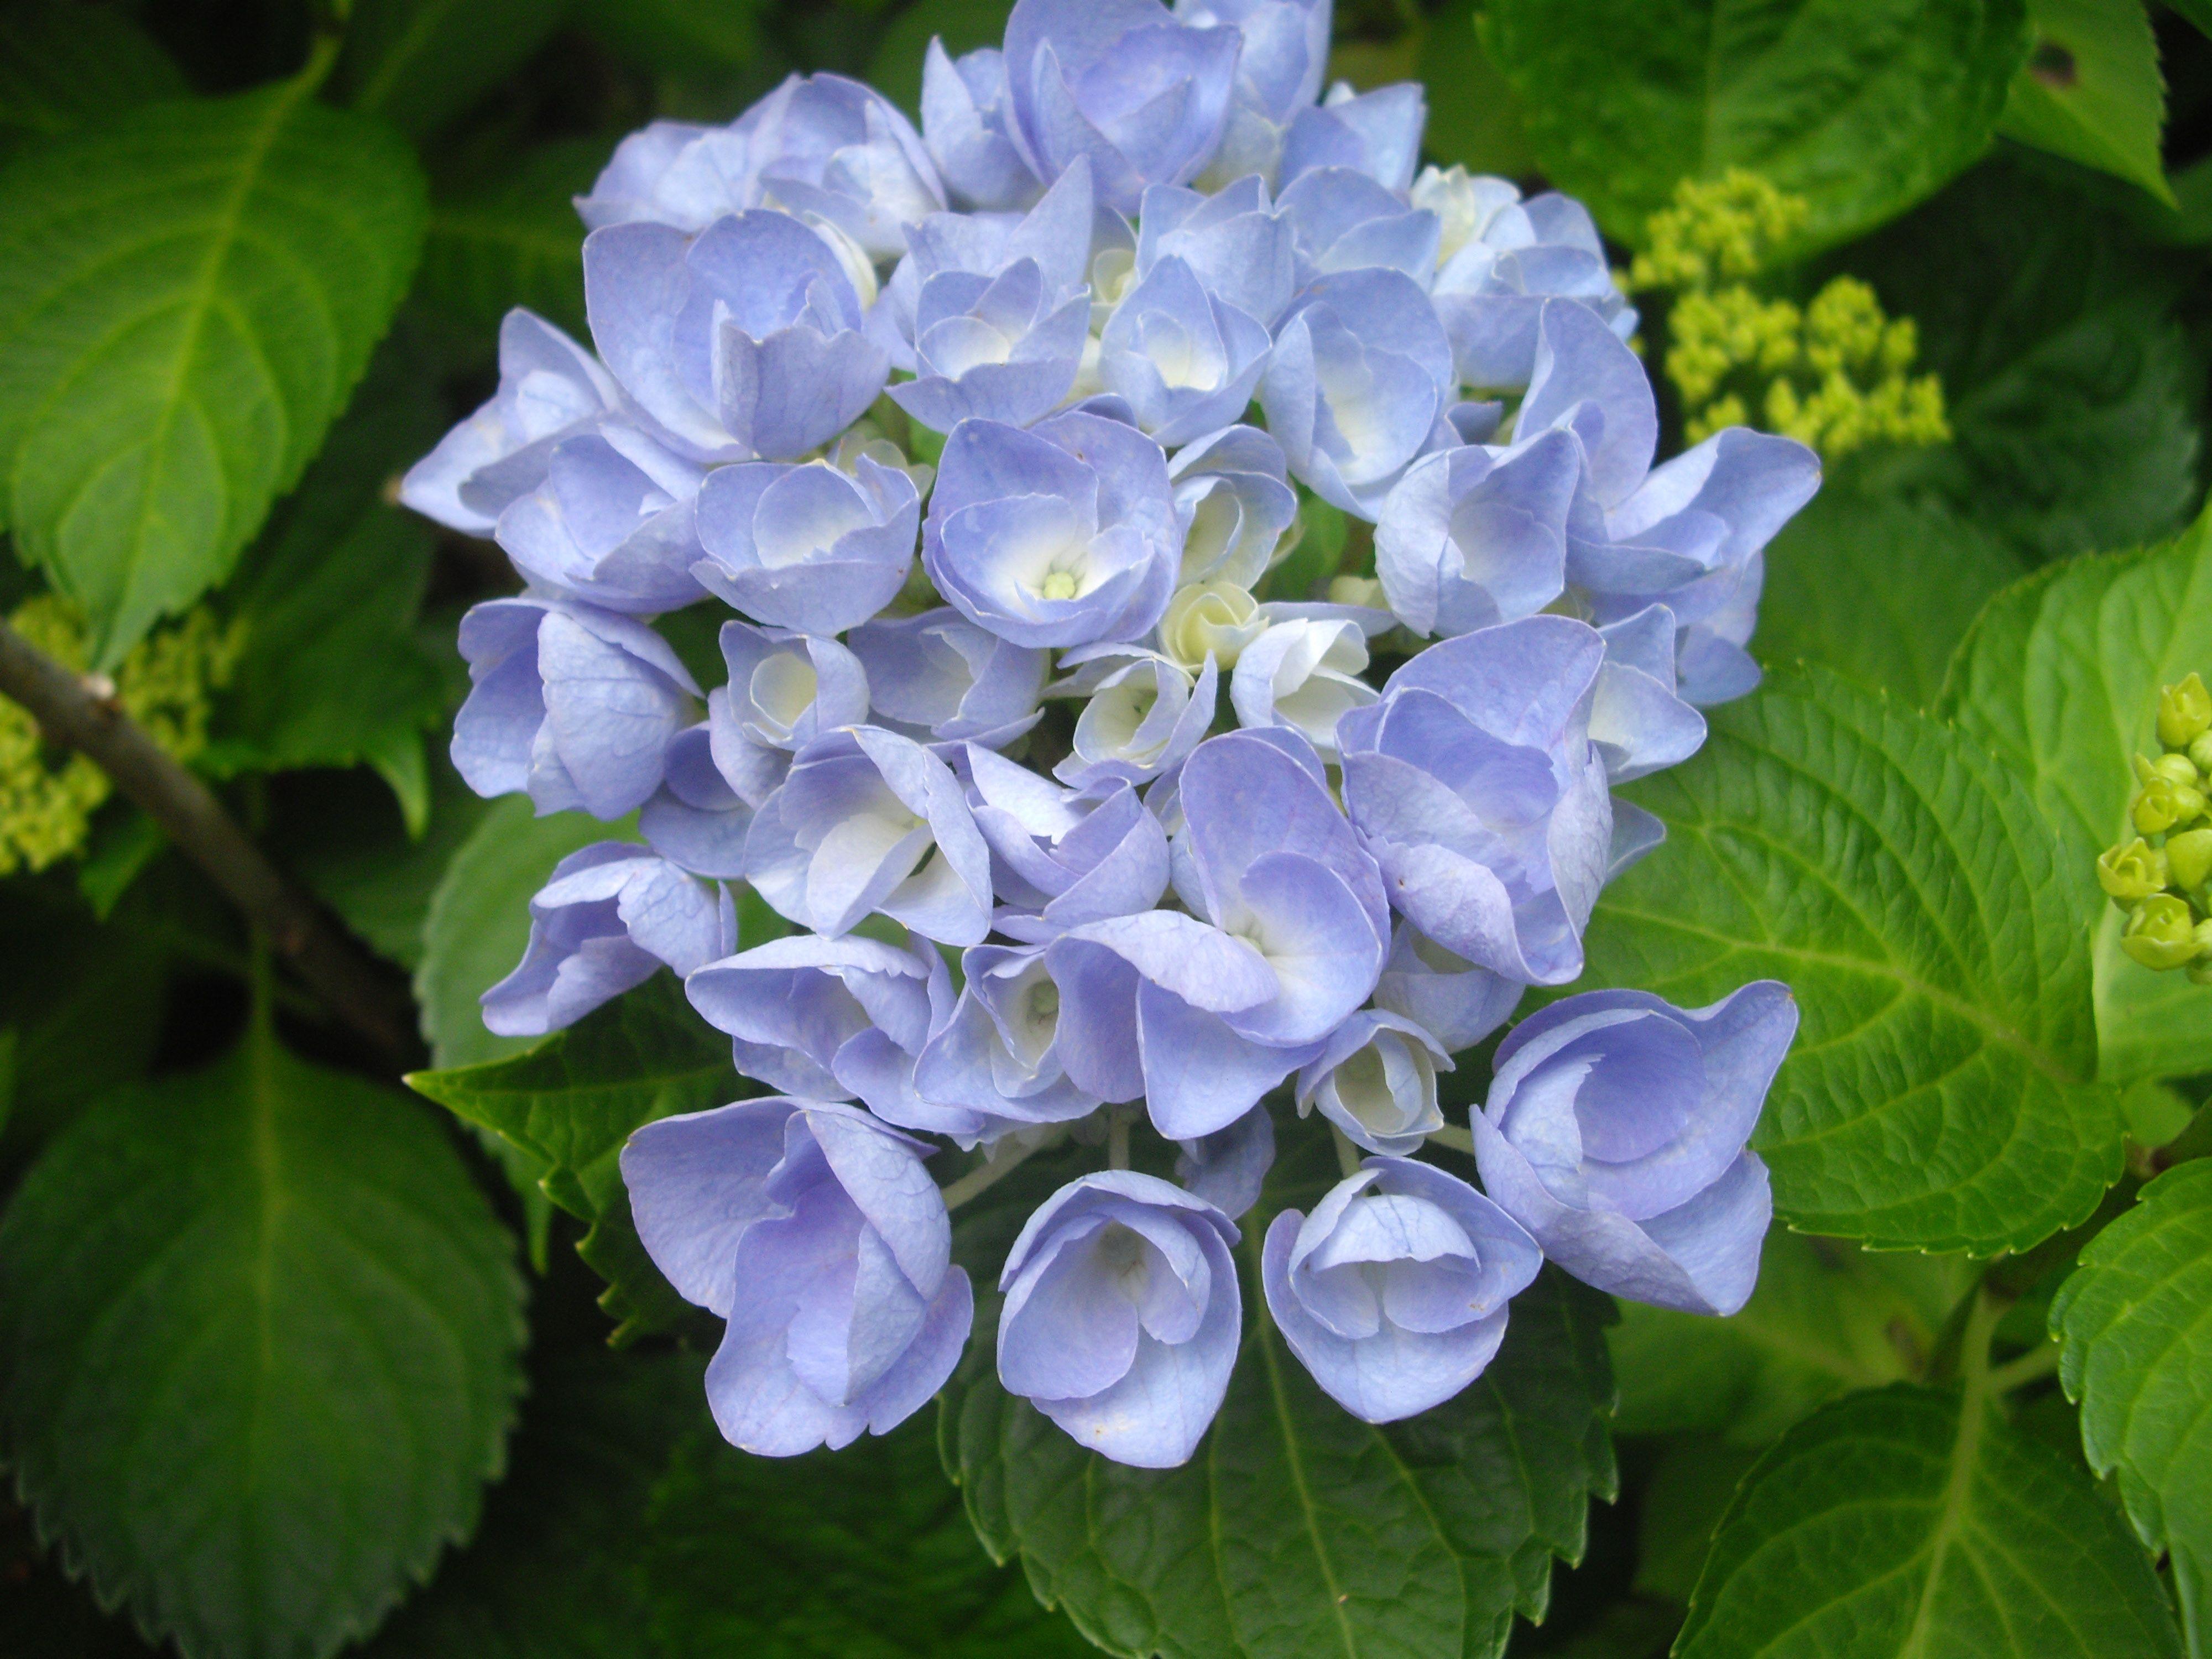 Home garden design flower  Hydrangea  Winter Wedding Flower  handcraftusa  Welcome to my